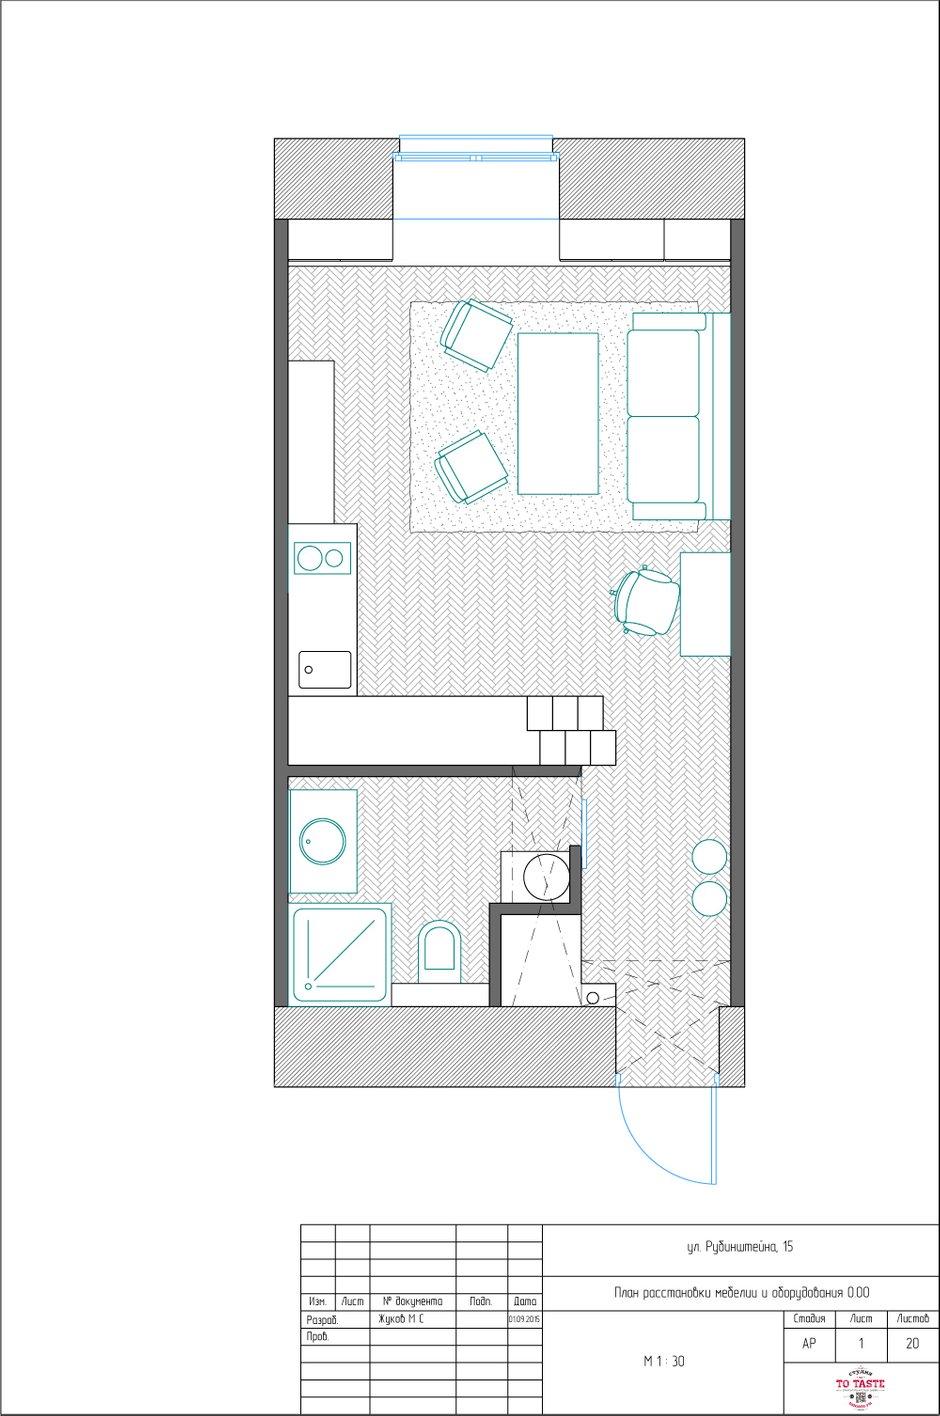 Фотография: Планировки в стиле , Классический, Лофт, Квартира, Студия, Белый, Проект недели, Бежевый, Синий, Голубой, Ligne Roset, Санкт-Петербург, ИКЕА, Hansgrohe, Макс Жуков, ToTaste, маленькая кухня, Samsung, Dornbracht, дизайн маленькой комнаты, система хранения в малогабаритке, идеи для малогабаритки, растения в горшках в интерьере, обустройство маленькой ванной комнаты, Маленькая спальня, как визуально увеличить площадь малогабаритки, Lampe Gras, Lamina, LOVE, Виктор Штефан – фото на INMYROOM